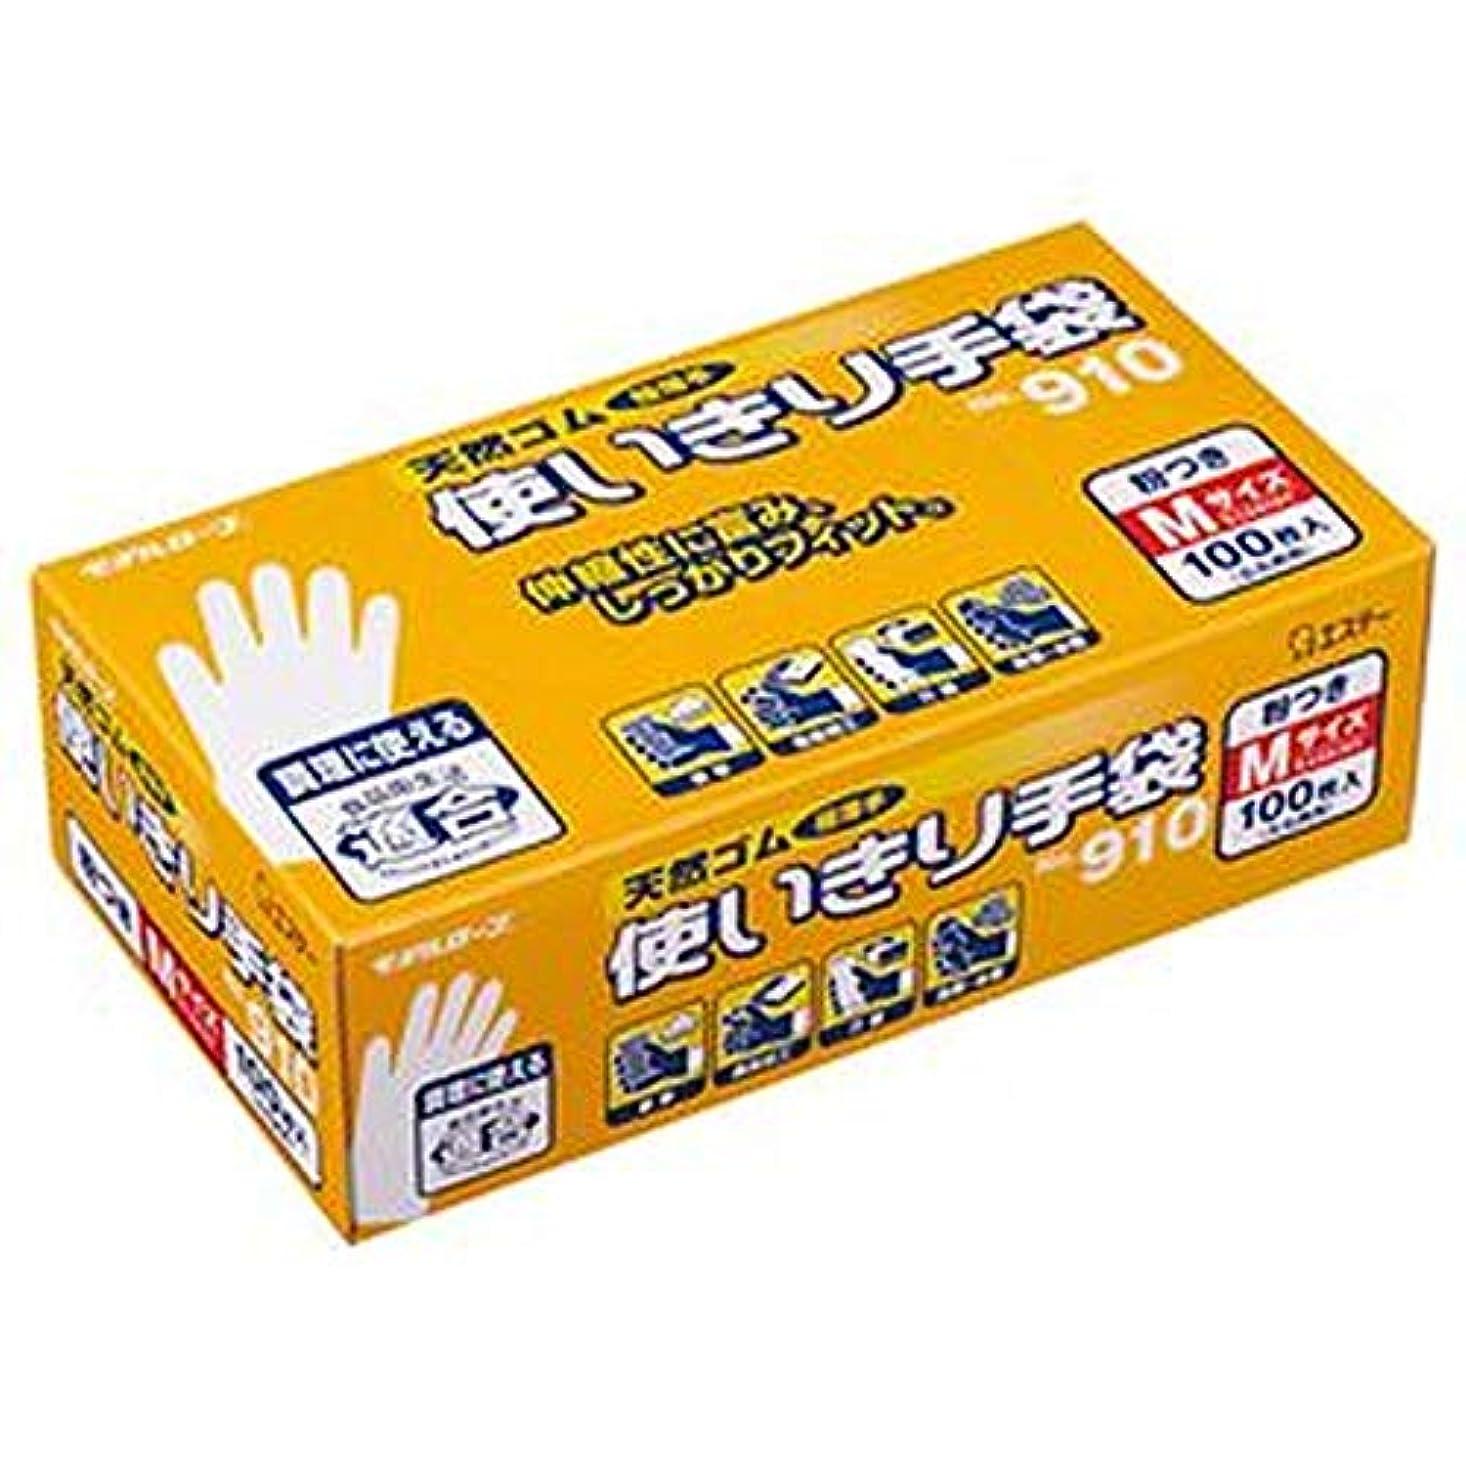 第三通信するスモッグ- まとめ - / エステー/No.910 / 天然ゴム使いきり手袋 - 粉付 - / M / 1箱 - 100枚 - / - ×5セット -